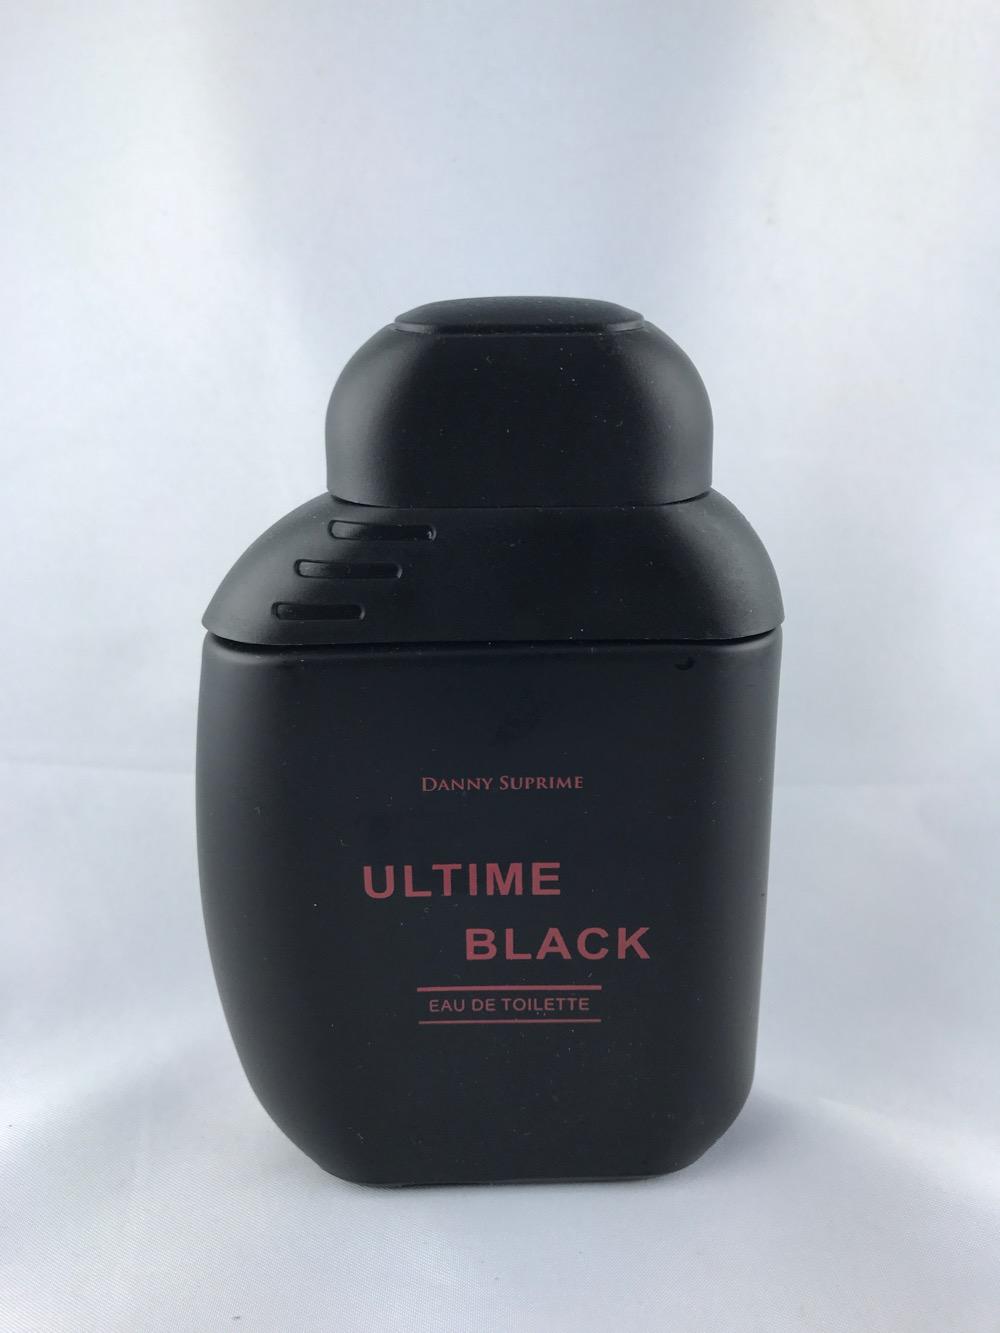 ULTIME BLACK